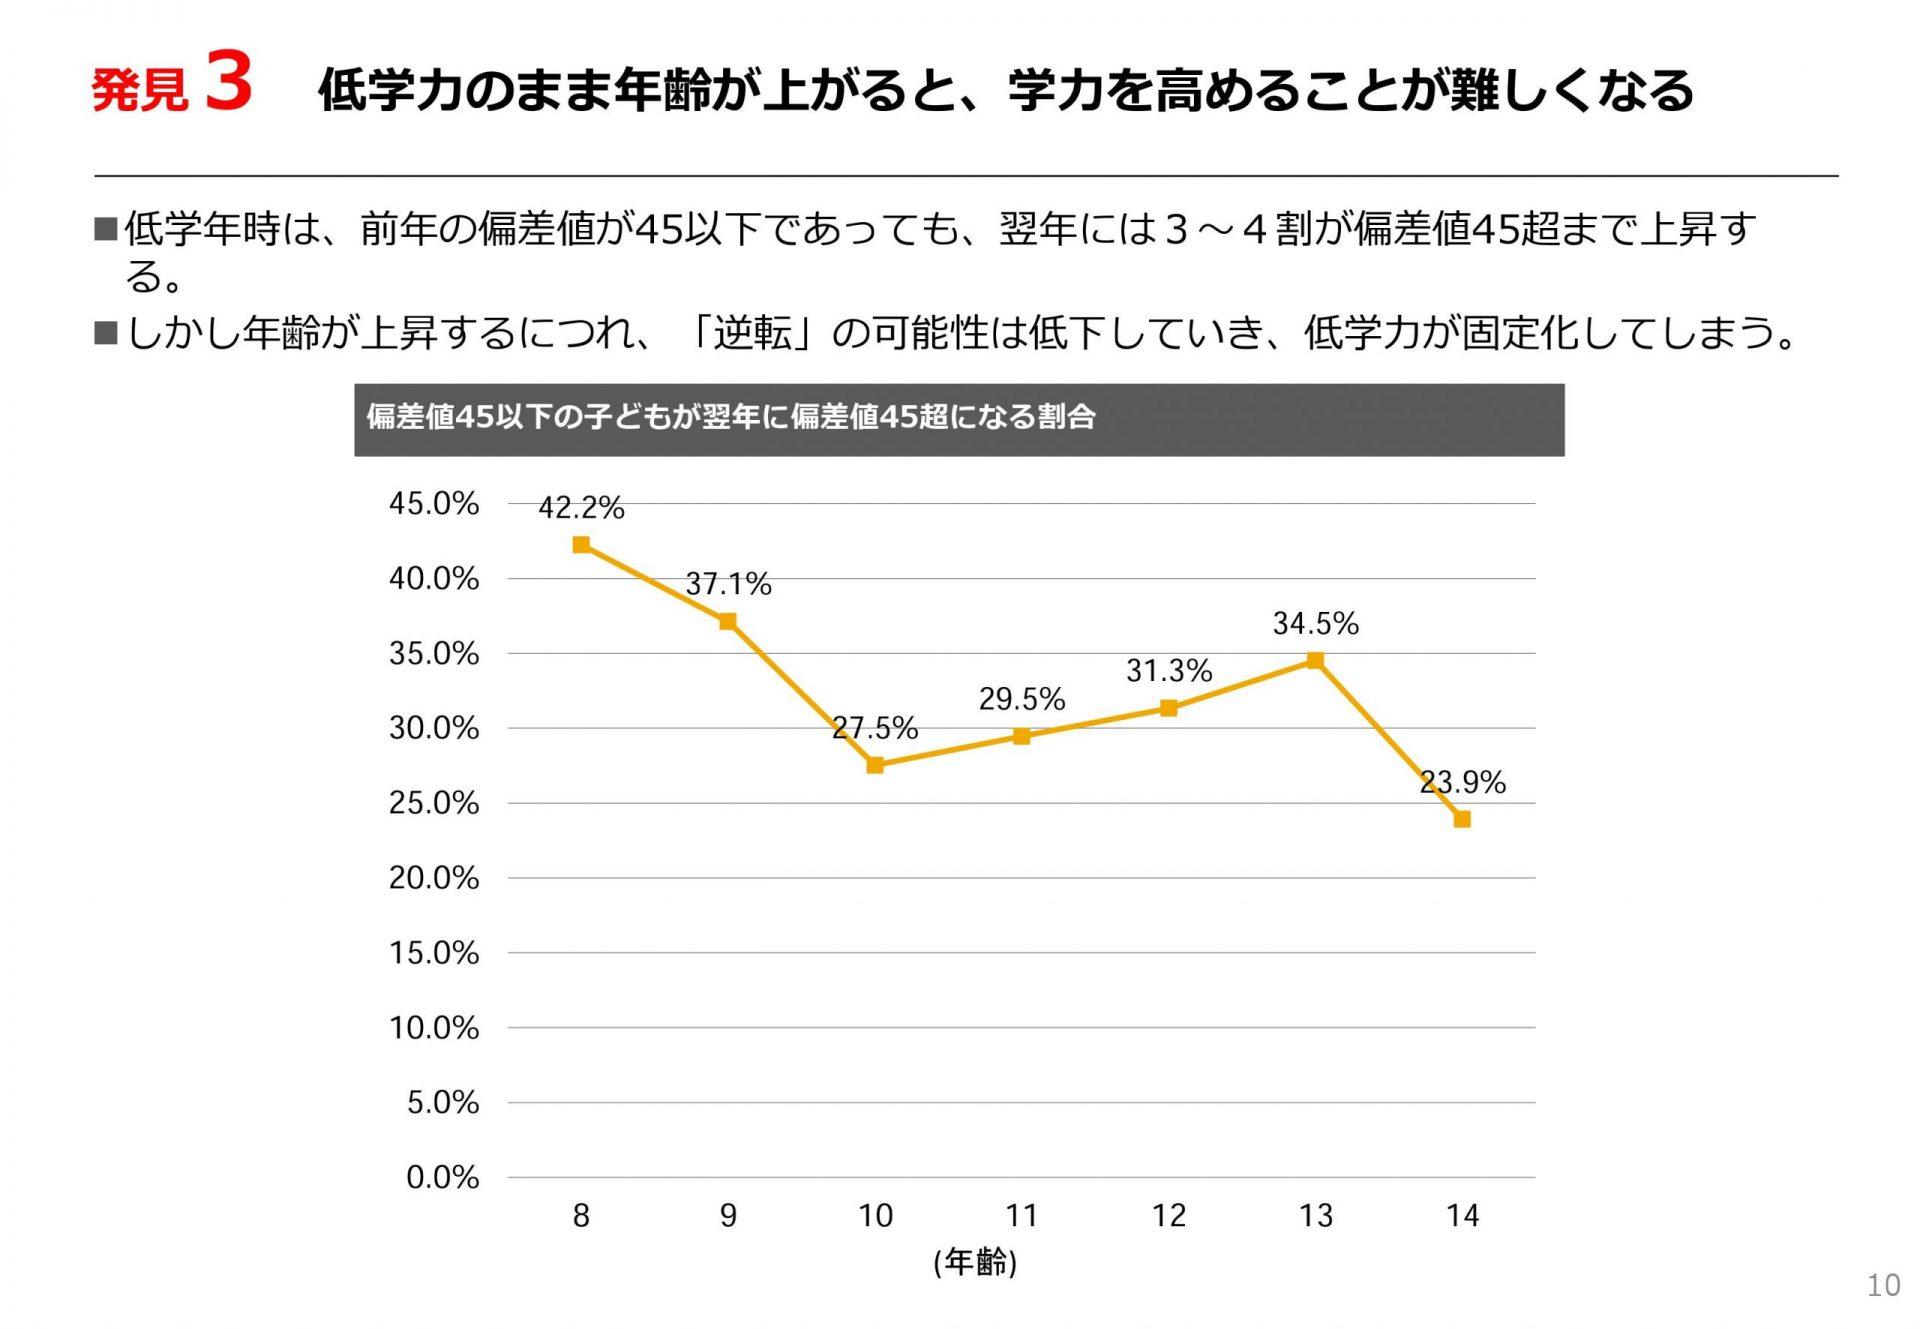 日本財団・家庭の経済格差と子どもの能力格差の関係分析(速報版)より引用